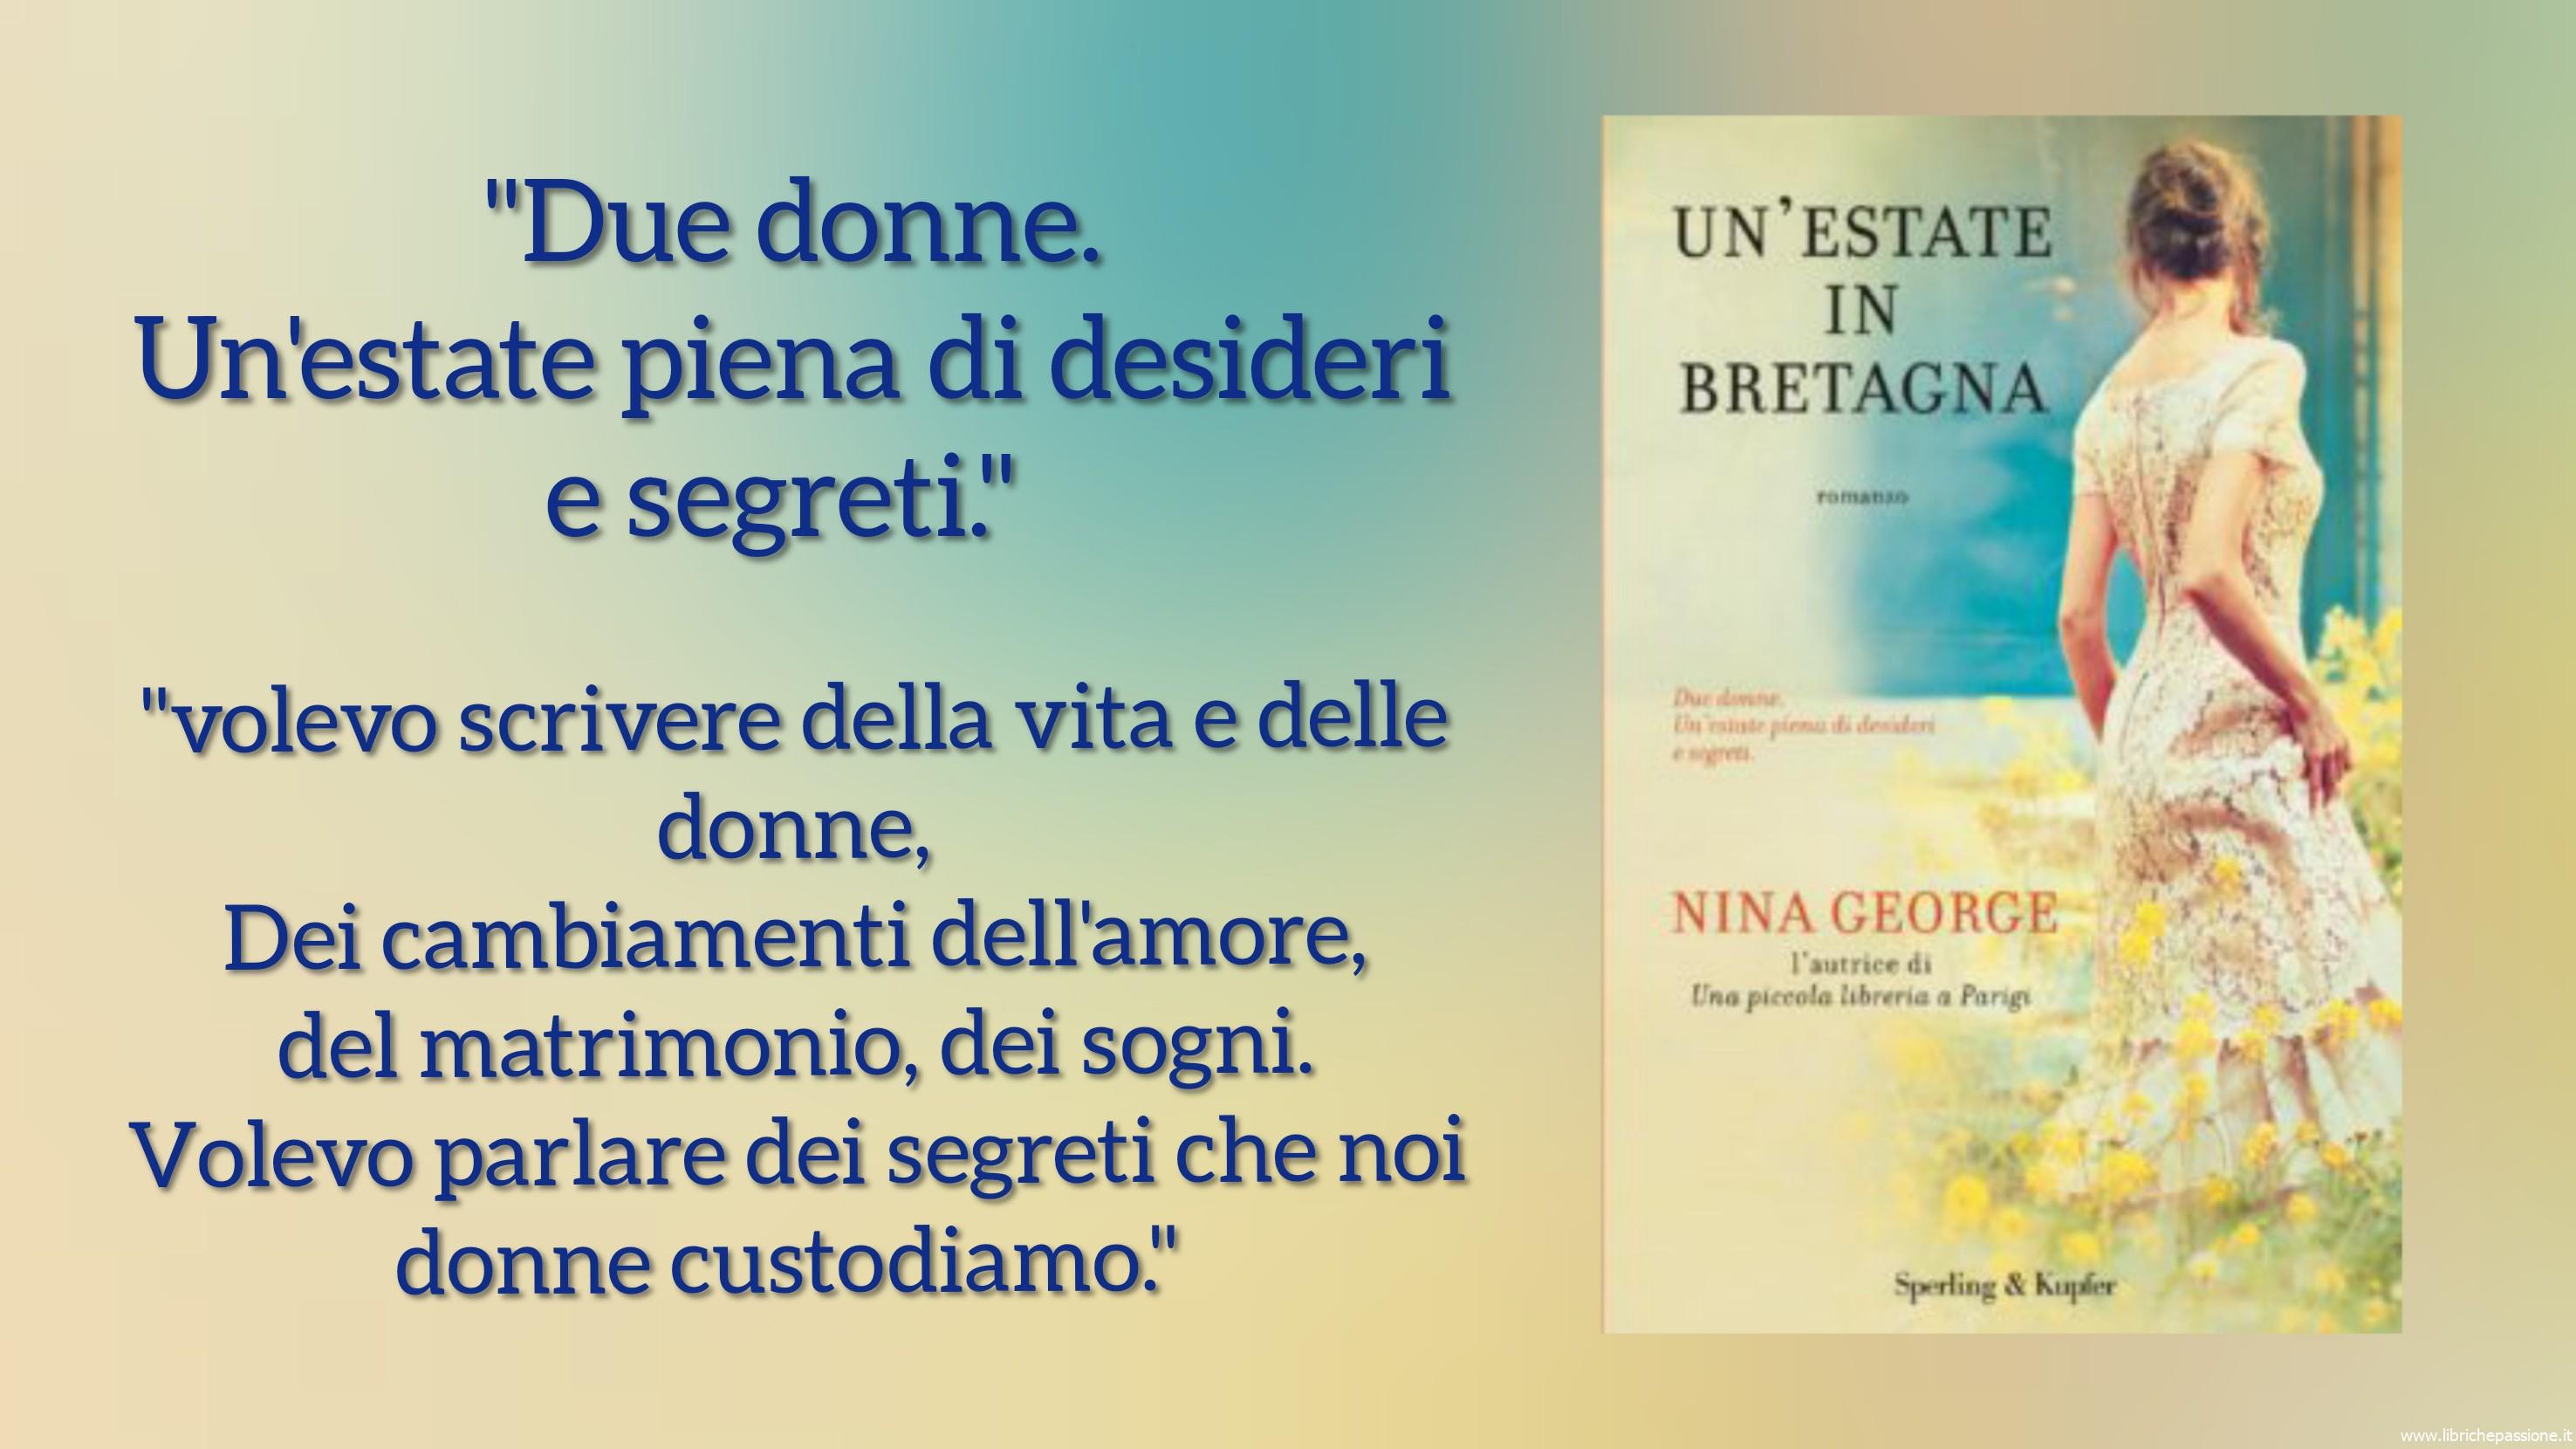 """Vi presento """"Un'estate in Bretagna"""" autrice Nina George, edito da Sperling & Kupfer"""